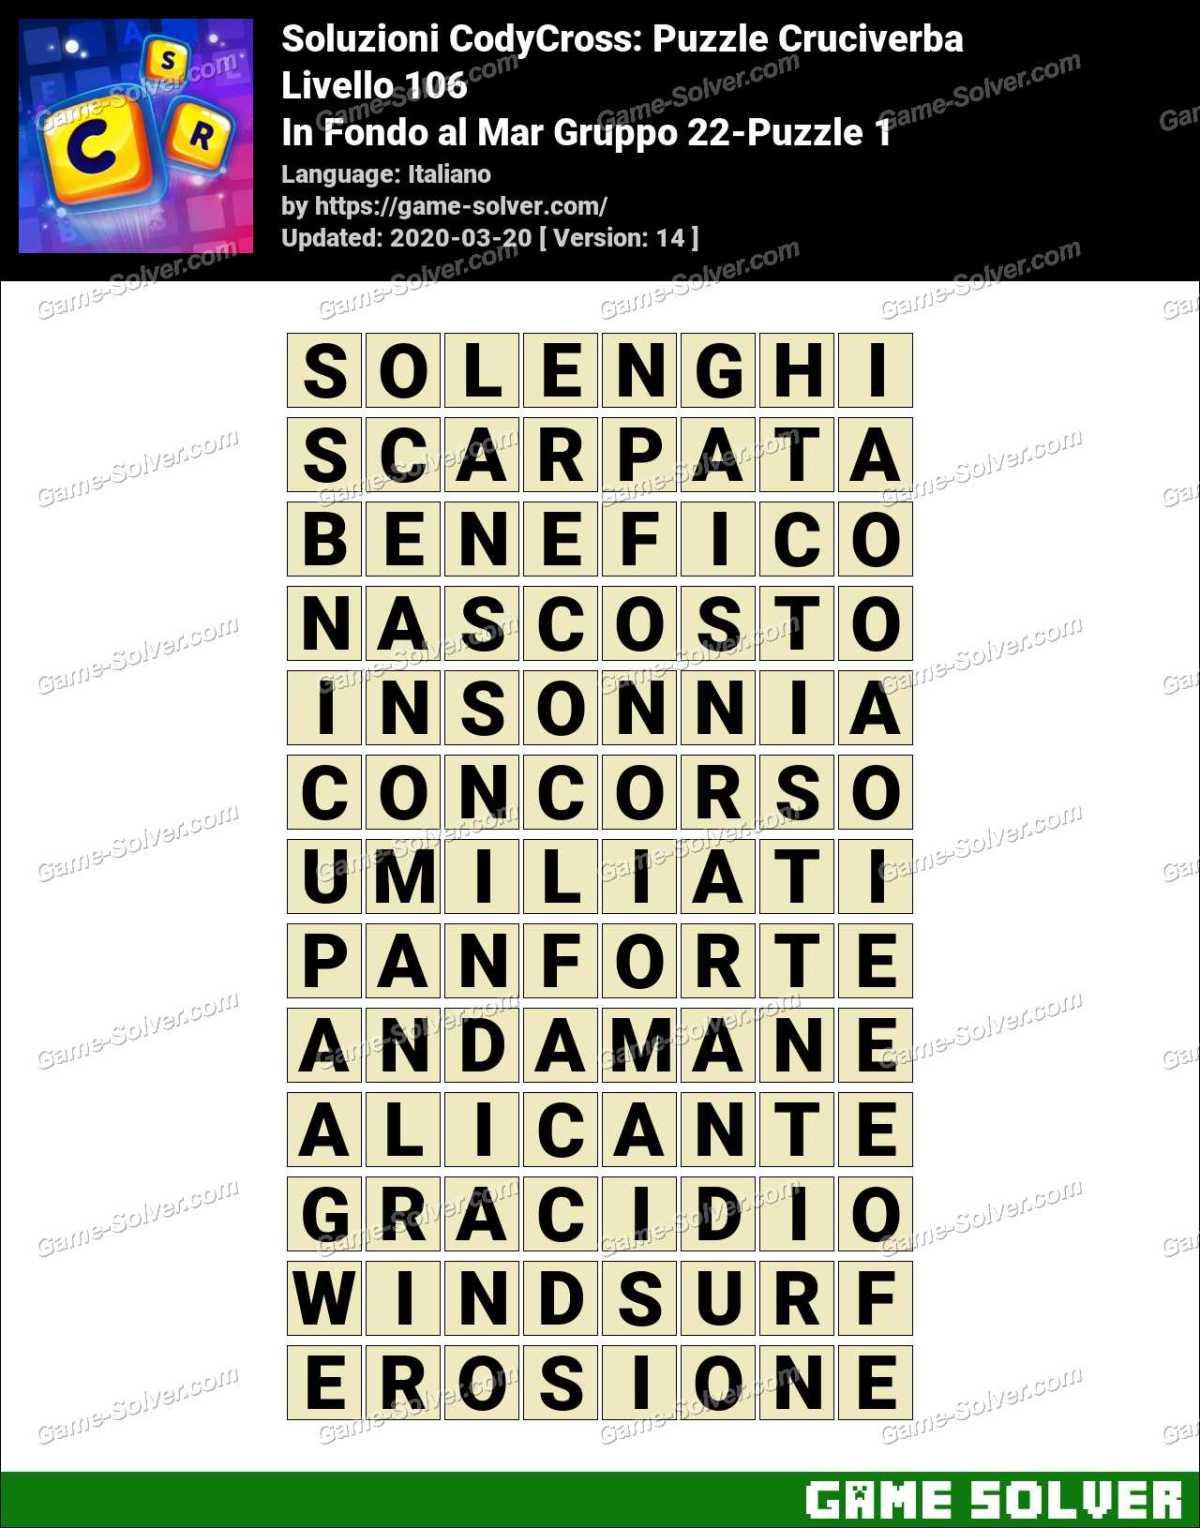 Soluzioni CodyCross In Fondo al Mar Gruppo 22-Puzzle 1